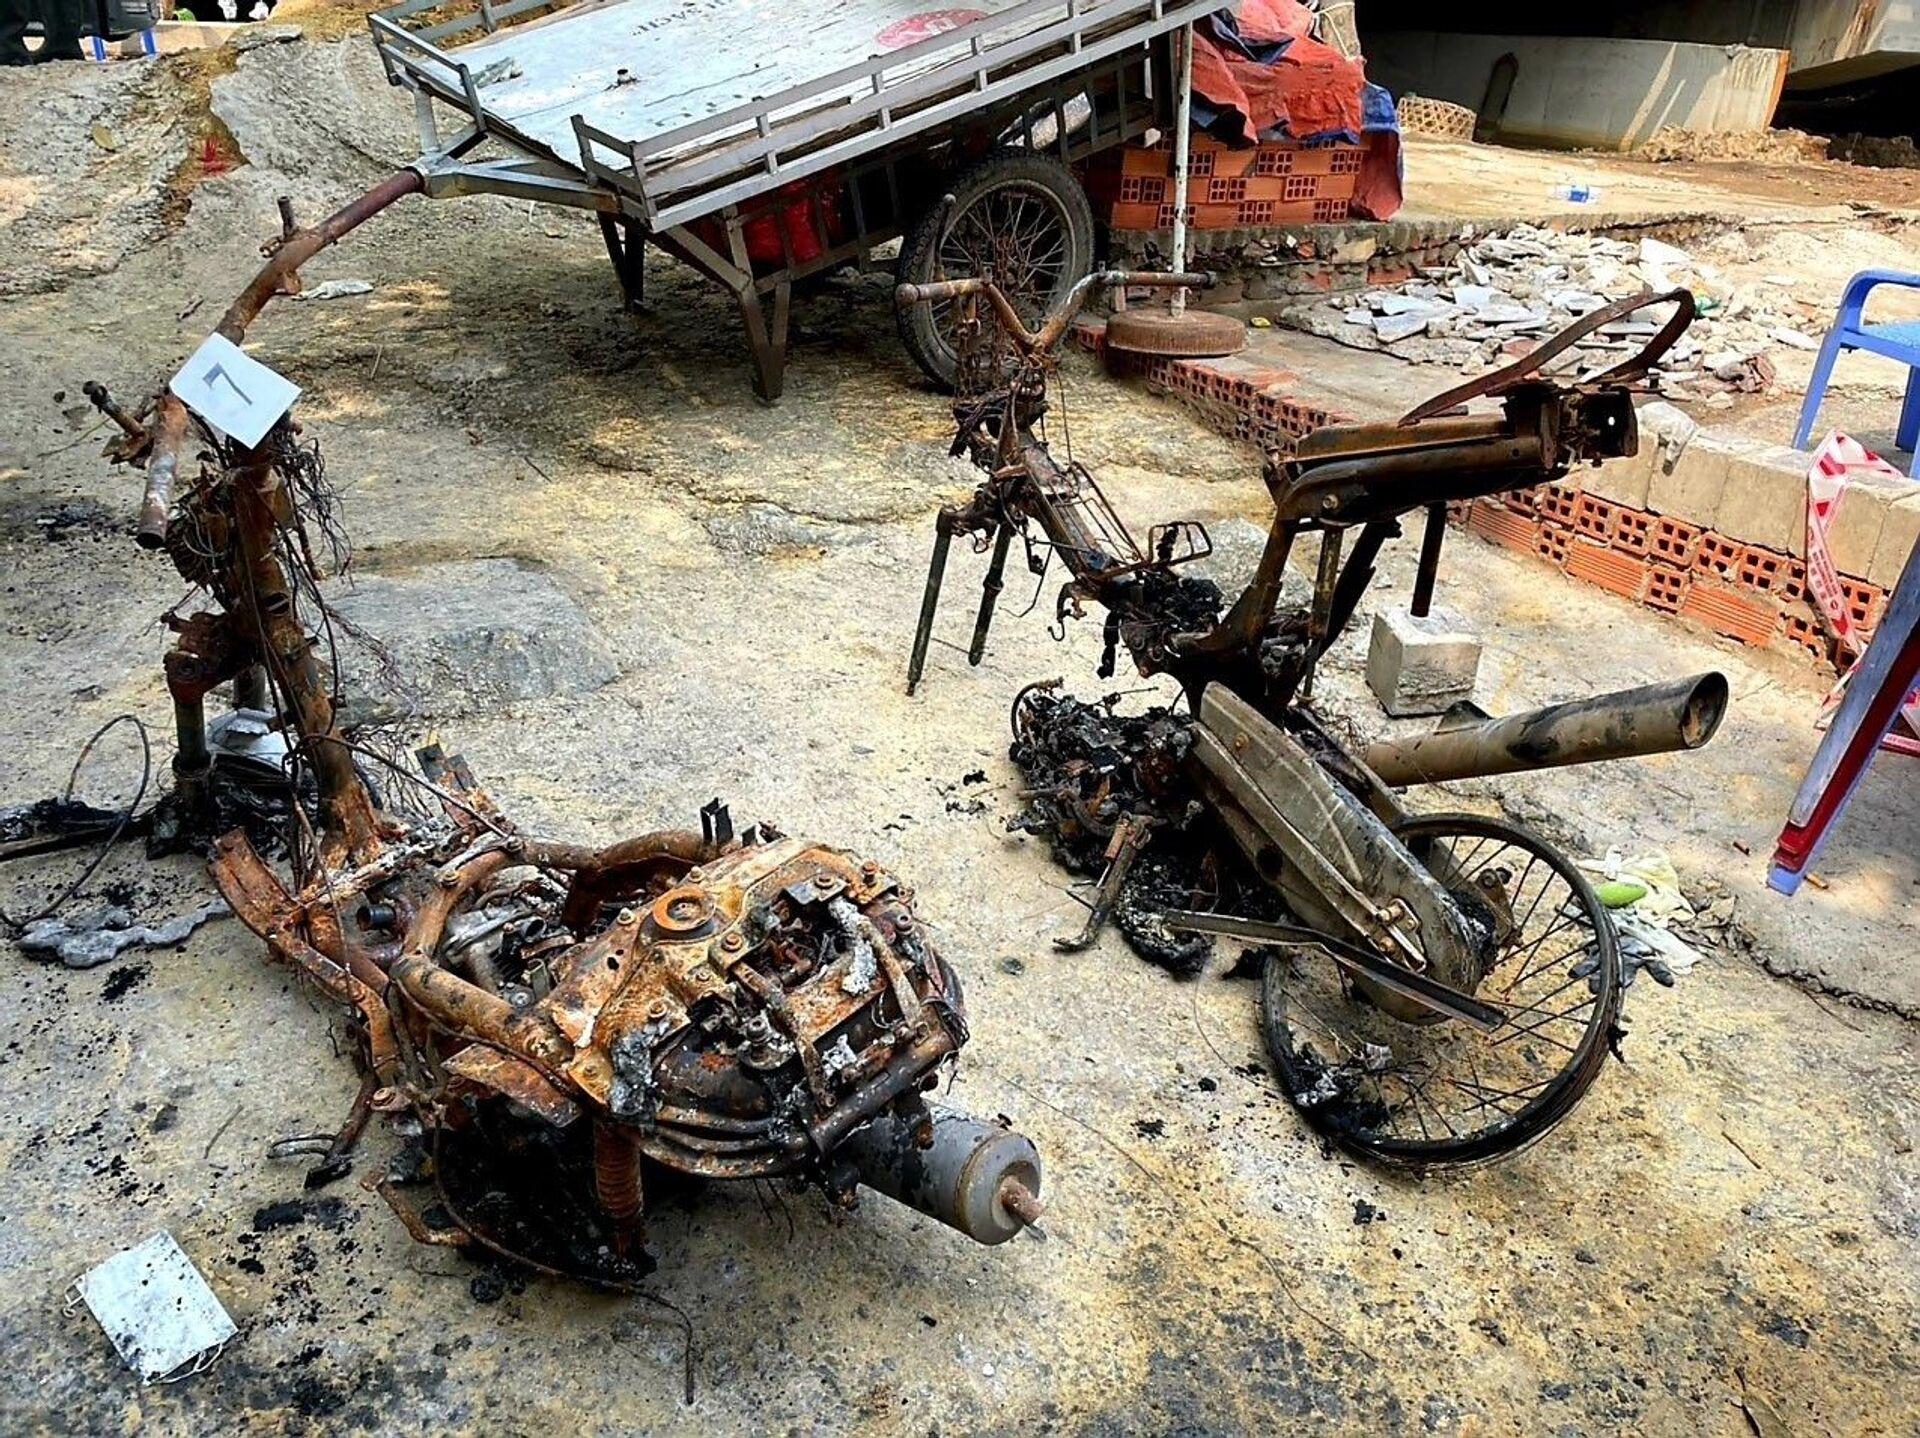 Cháy nhà kinh hoàng ở Thủ Đức làm 6 người chết: Công an TP.HCM thông tin chính thức - Sputnik Việt Nam, 1920, 30.03.2021